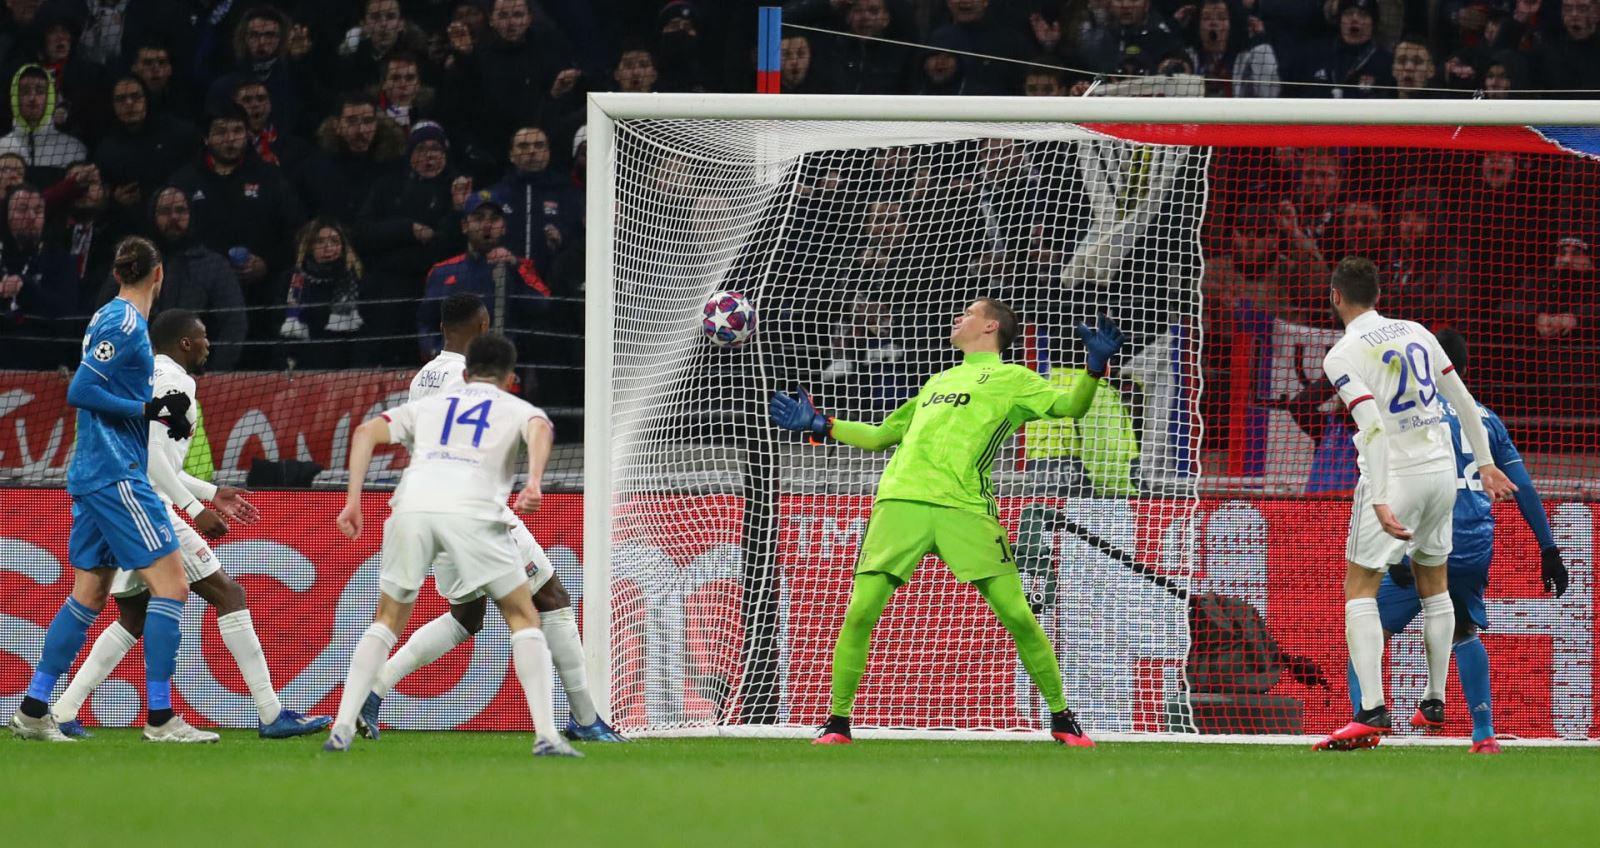 Ket qua bong da, Real Madrid vs Man City, Lyon vs Juve, Kết quả cúp C1, Kqbd, ket qua bong da hom nay, Lyon vs Juventus, Real vs Man City, kết quả bóng đá, bóng đá, C1